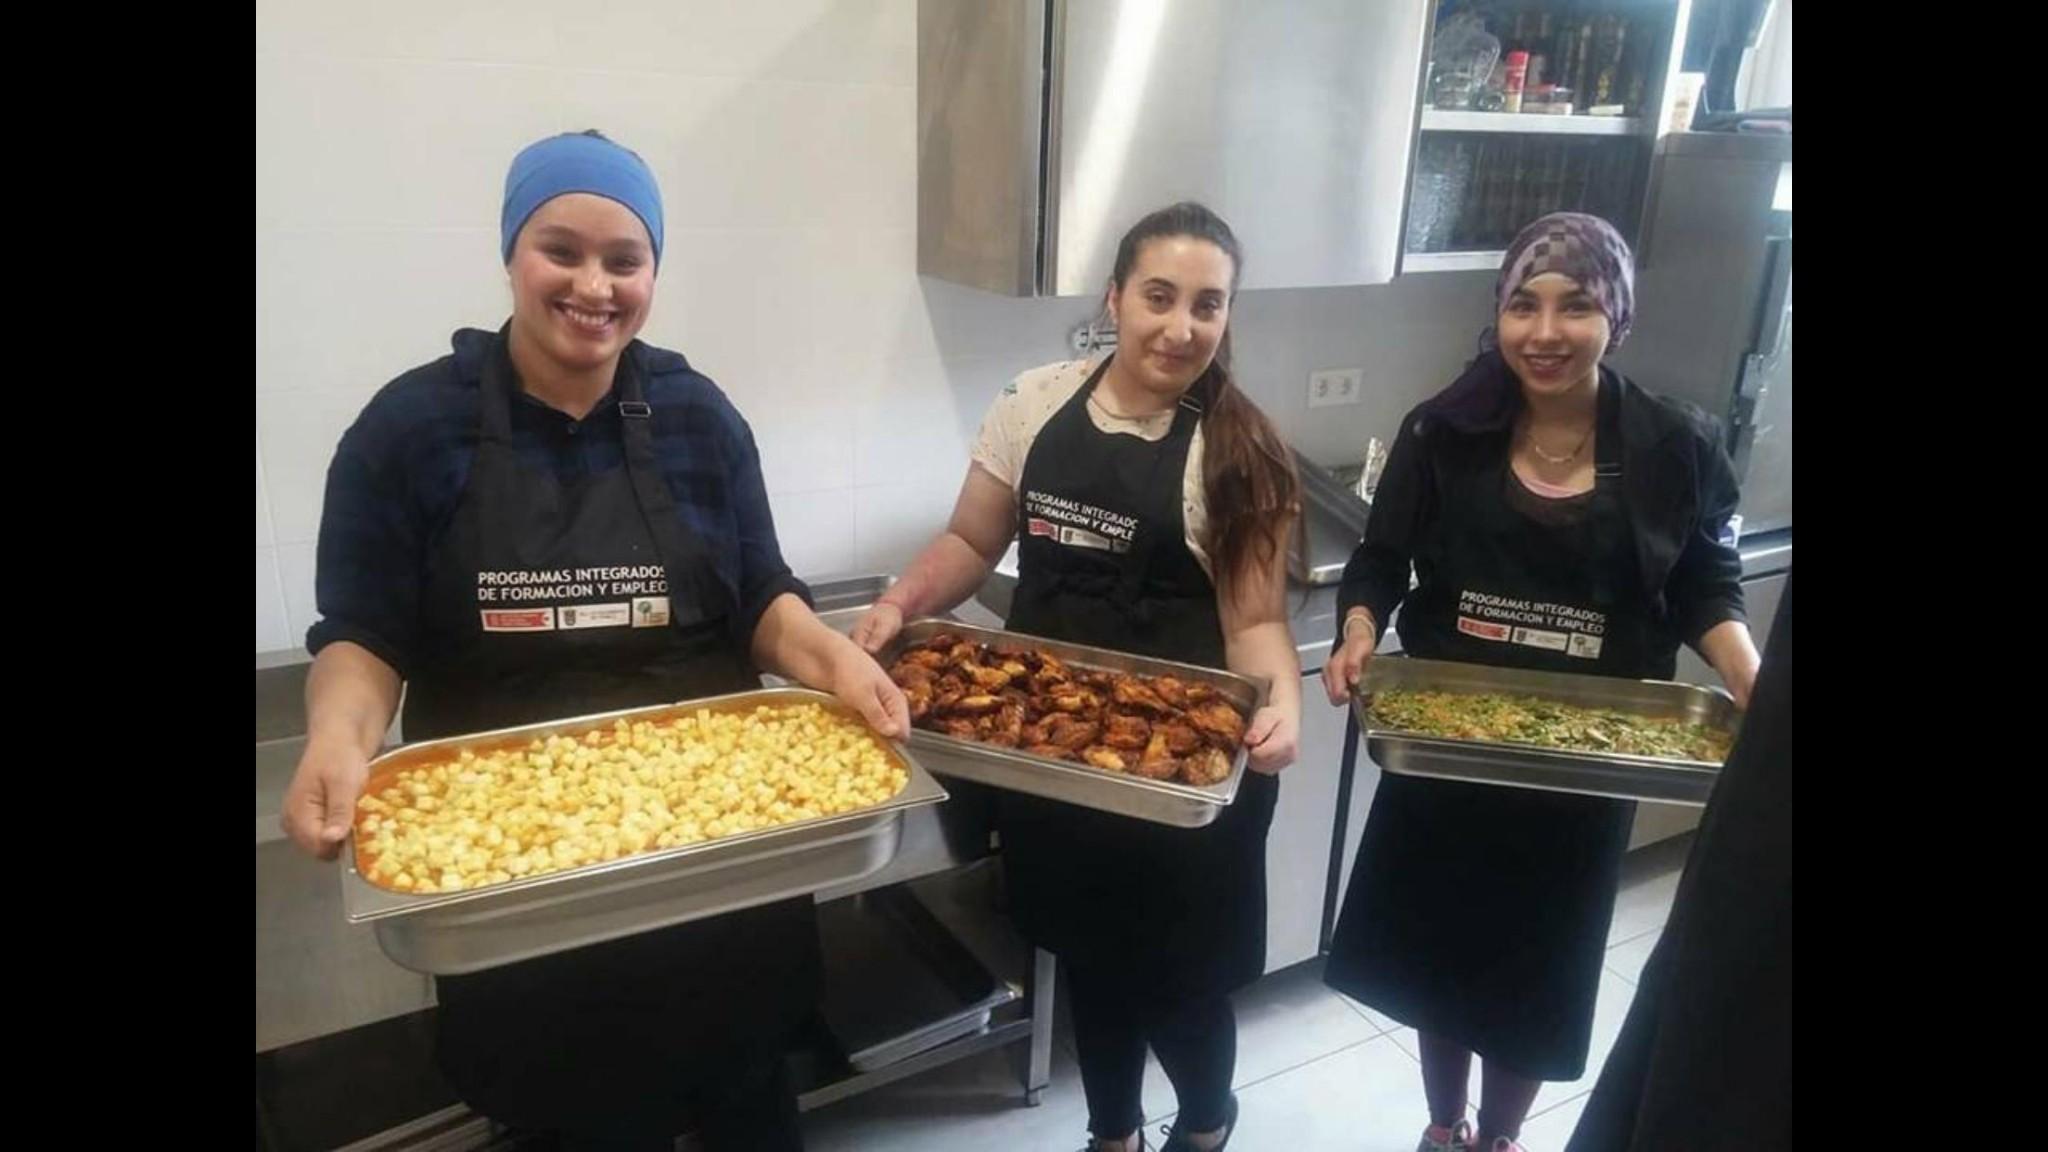 Fundación Ilundain realiza PIFES tanto en la Comarca de Pamplona como en Tudela